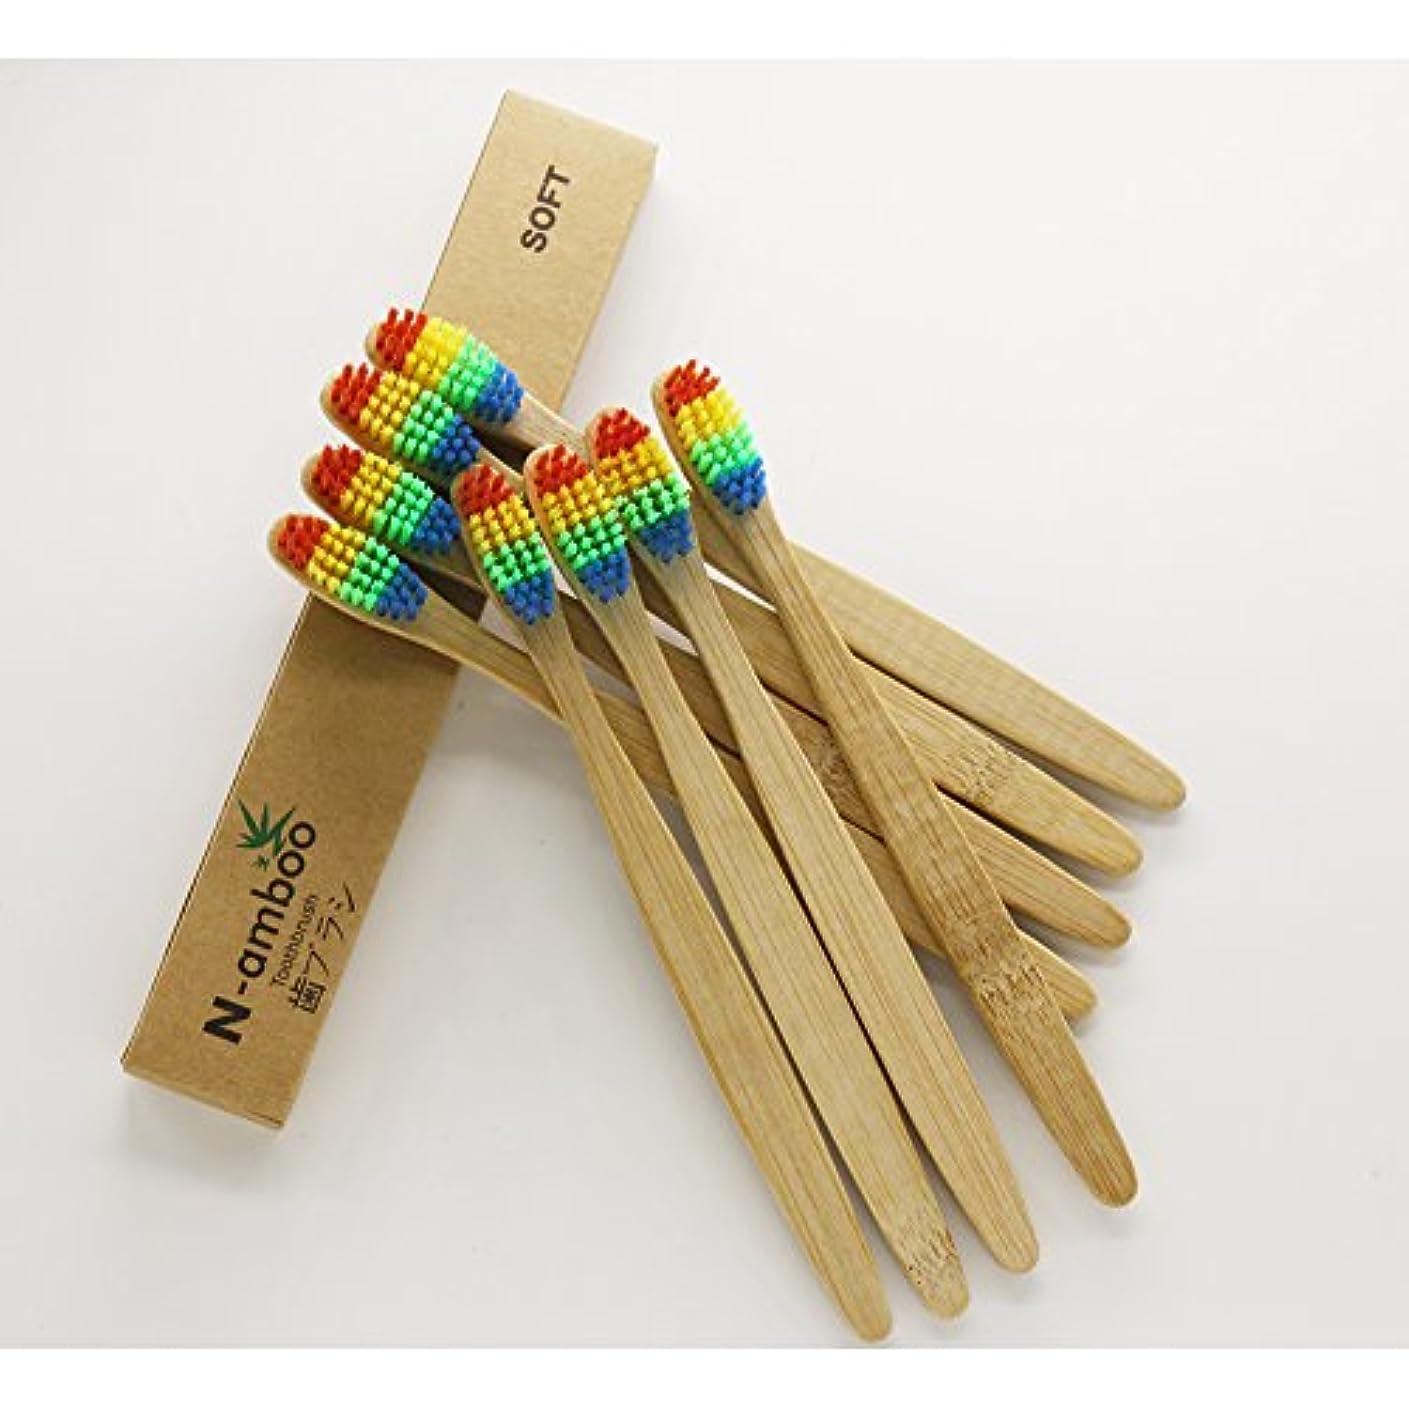 資本主義精査するシャイN-amboo 竹製 耐久度高い 歯ブラシ 四色 虹(にじ) 8本入り ファミリー セット